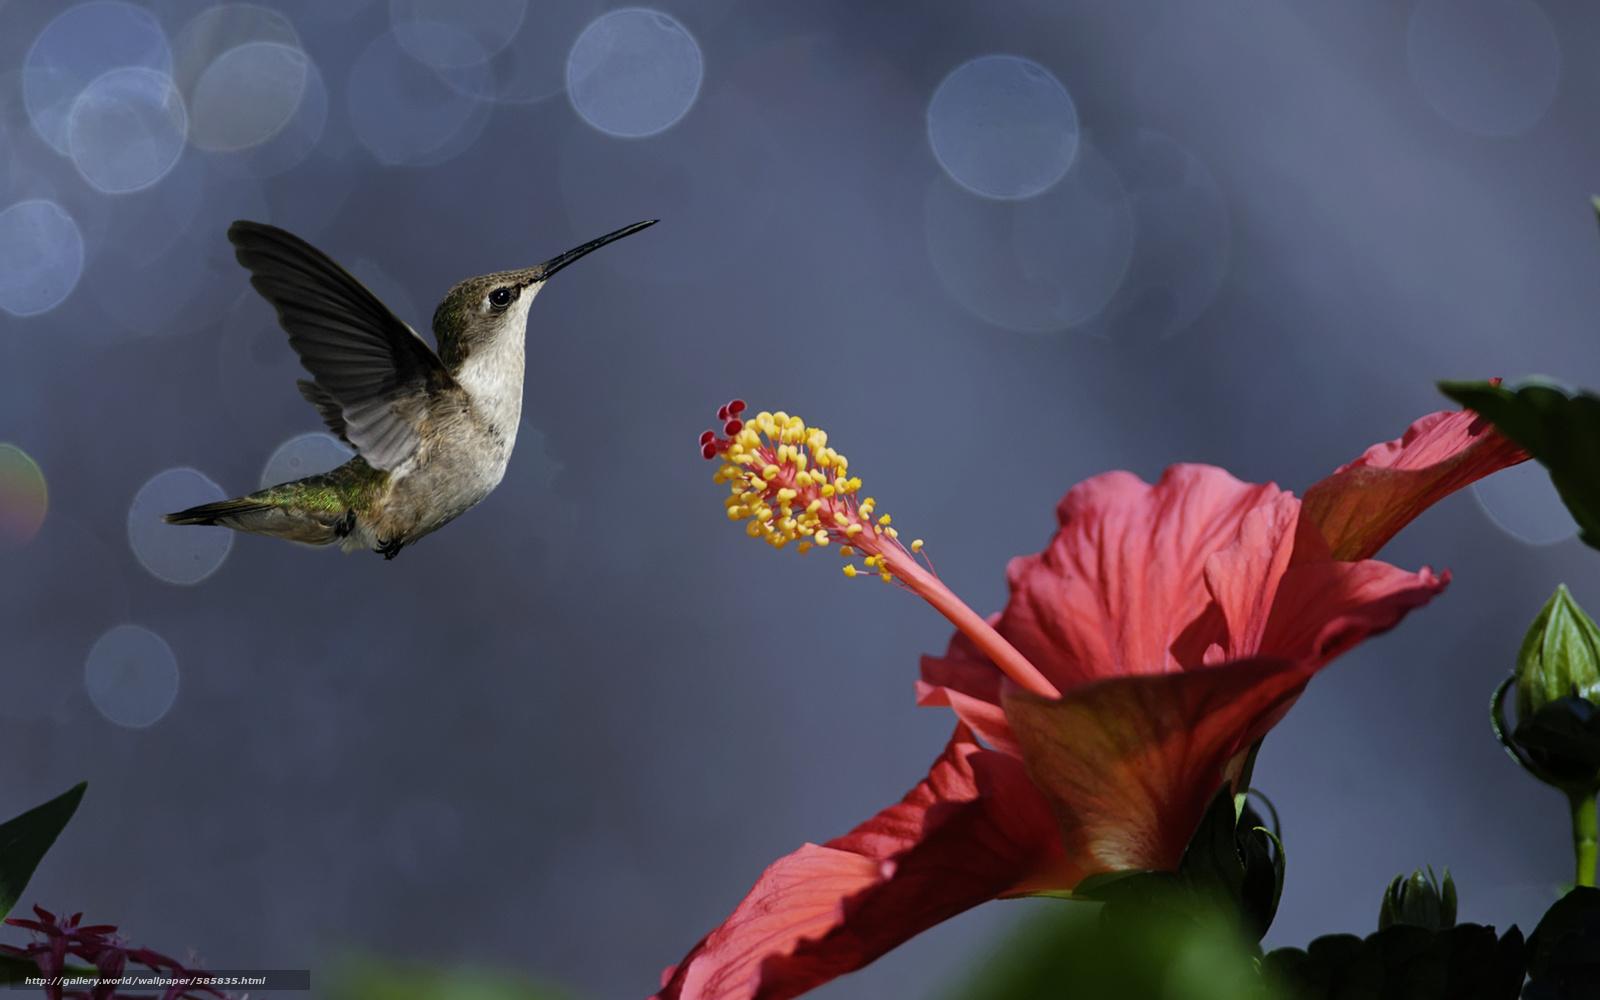 Скачать обои гибискус,  цветок,  птичка,  птицы бесплатно для рабочего стола в разрешении 2560x1600 — картинка №585835